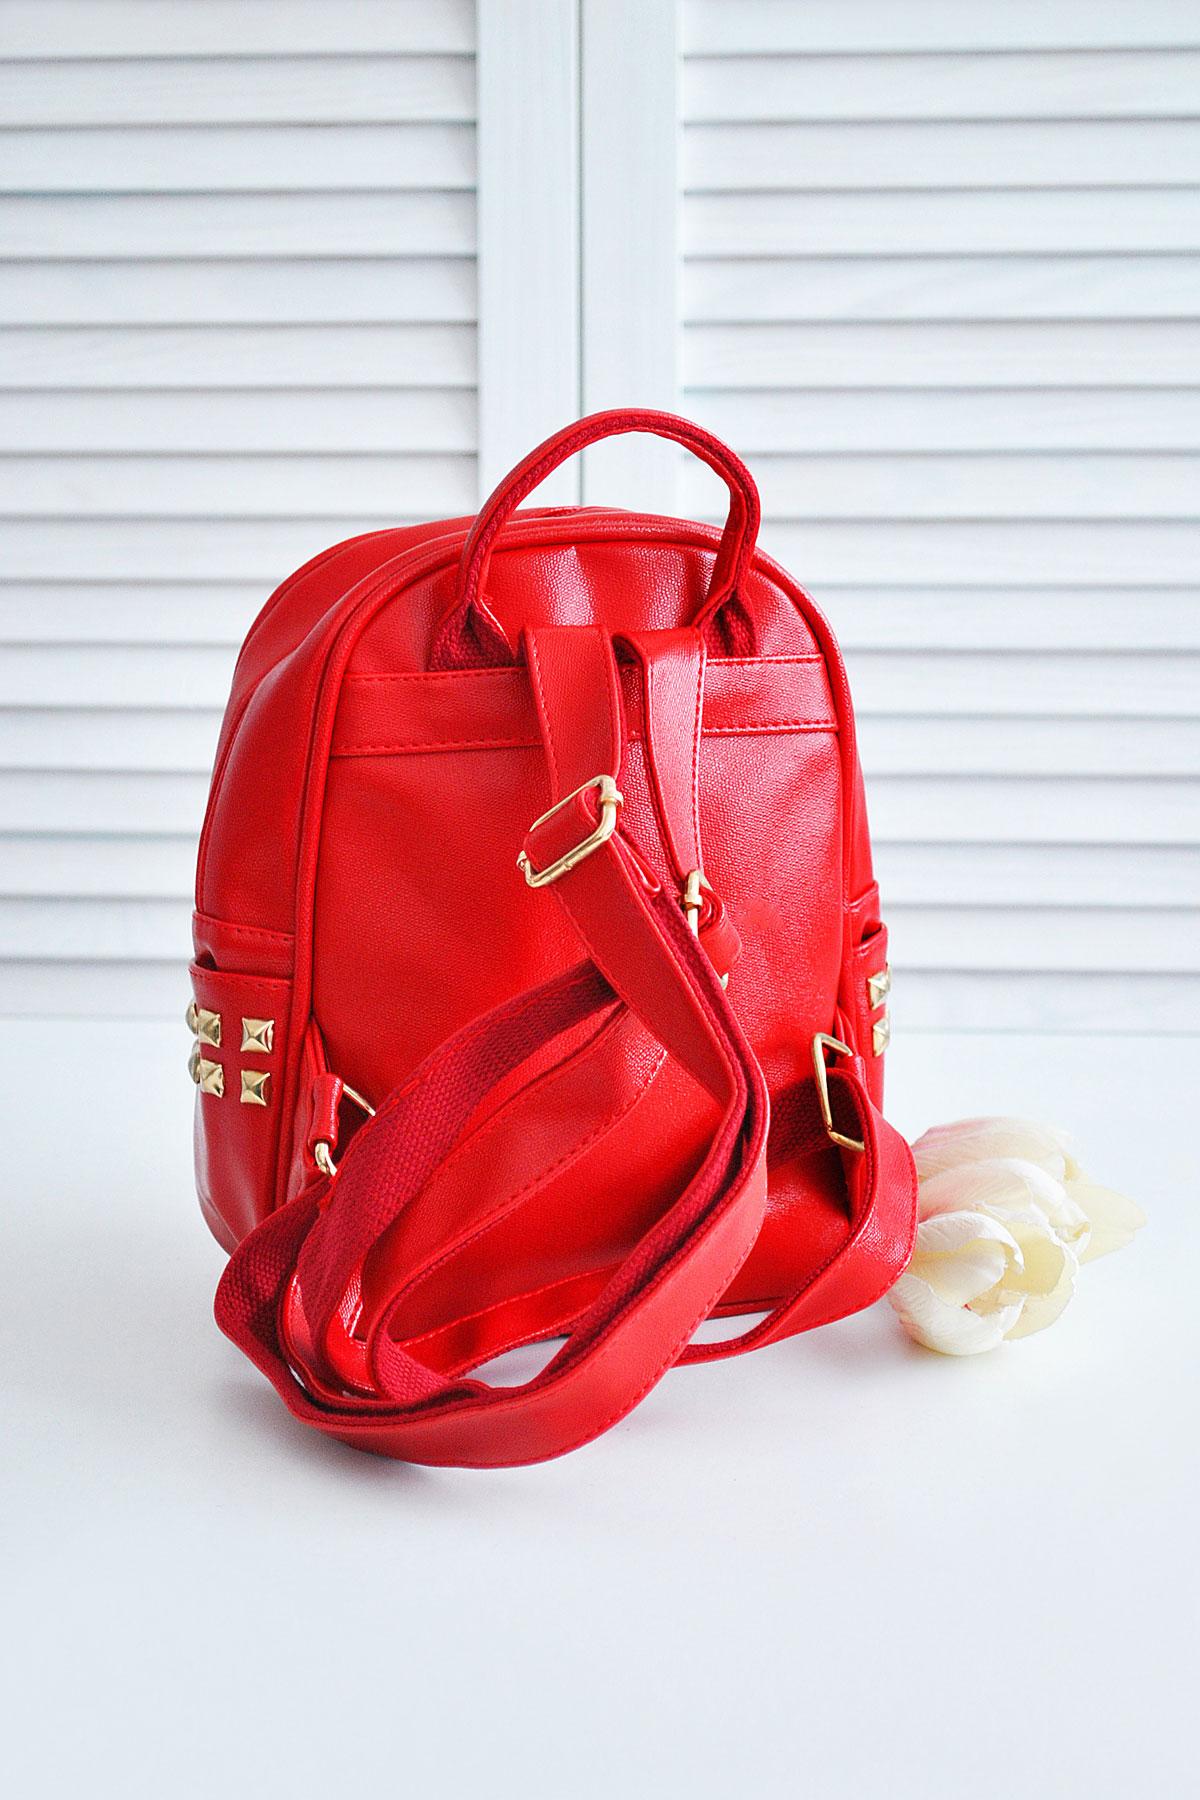 93daa756cf6f небольшой рюкзак жемчужного цвета. Рюкзак 610. Цвет: красный купить ...